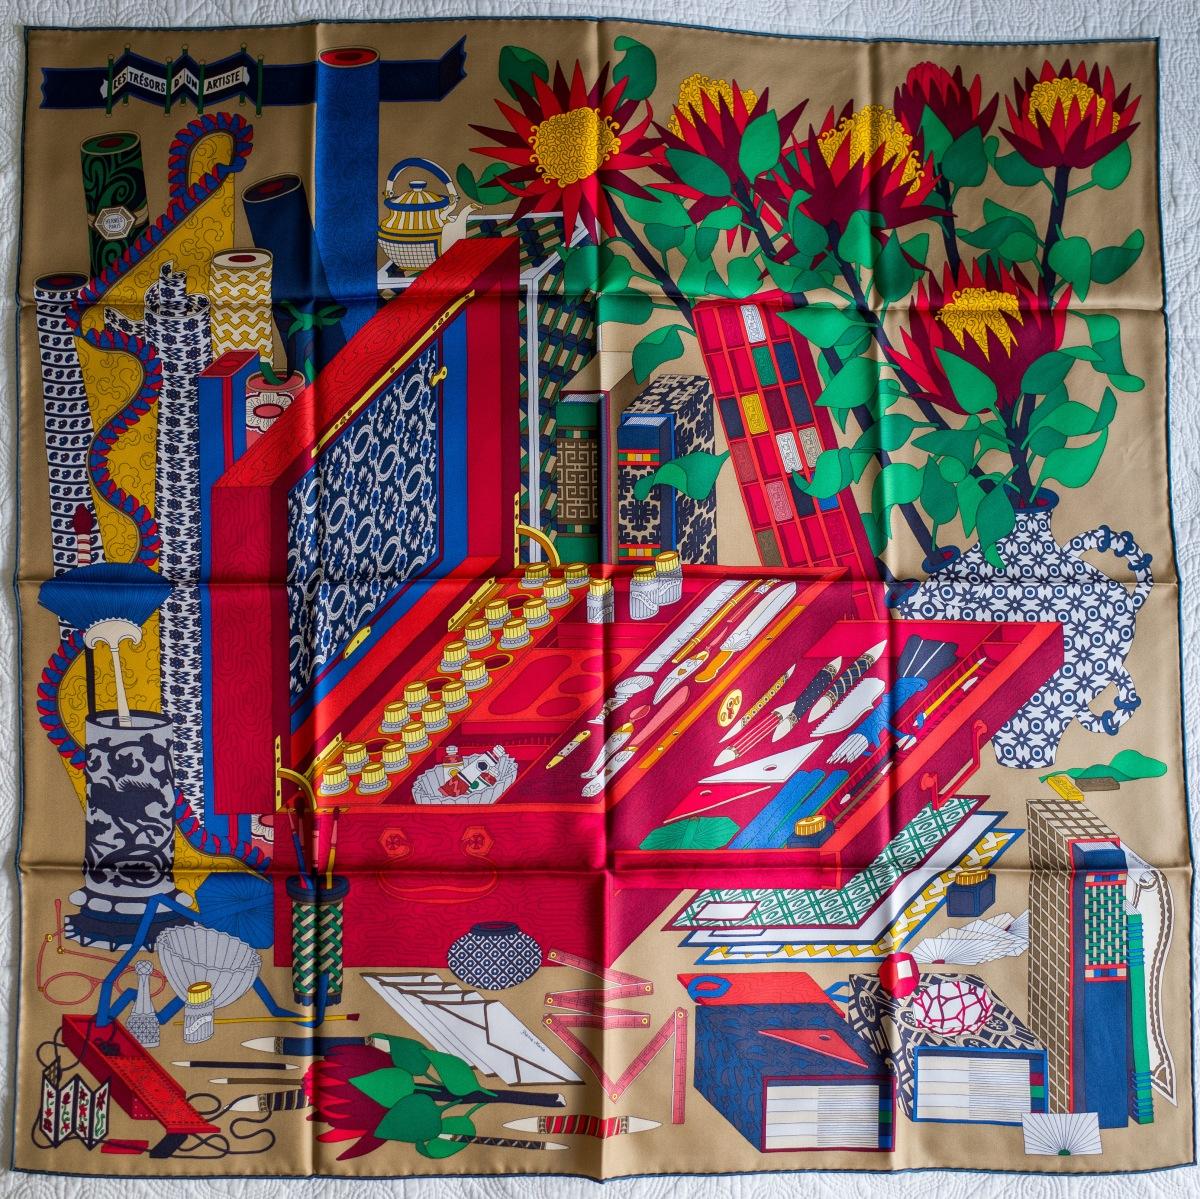 Les trésors d'un Artiste, Les tresors d'un Artiste, Pierre Marie, Hermes scarf, carre, knot, knotting, tutorial, hermes carre, Hermes Schal, эрмес, платок, карре, как красиво завязать платок, how to wear a scarf